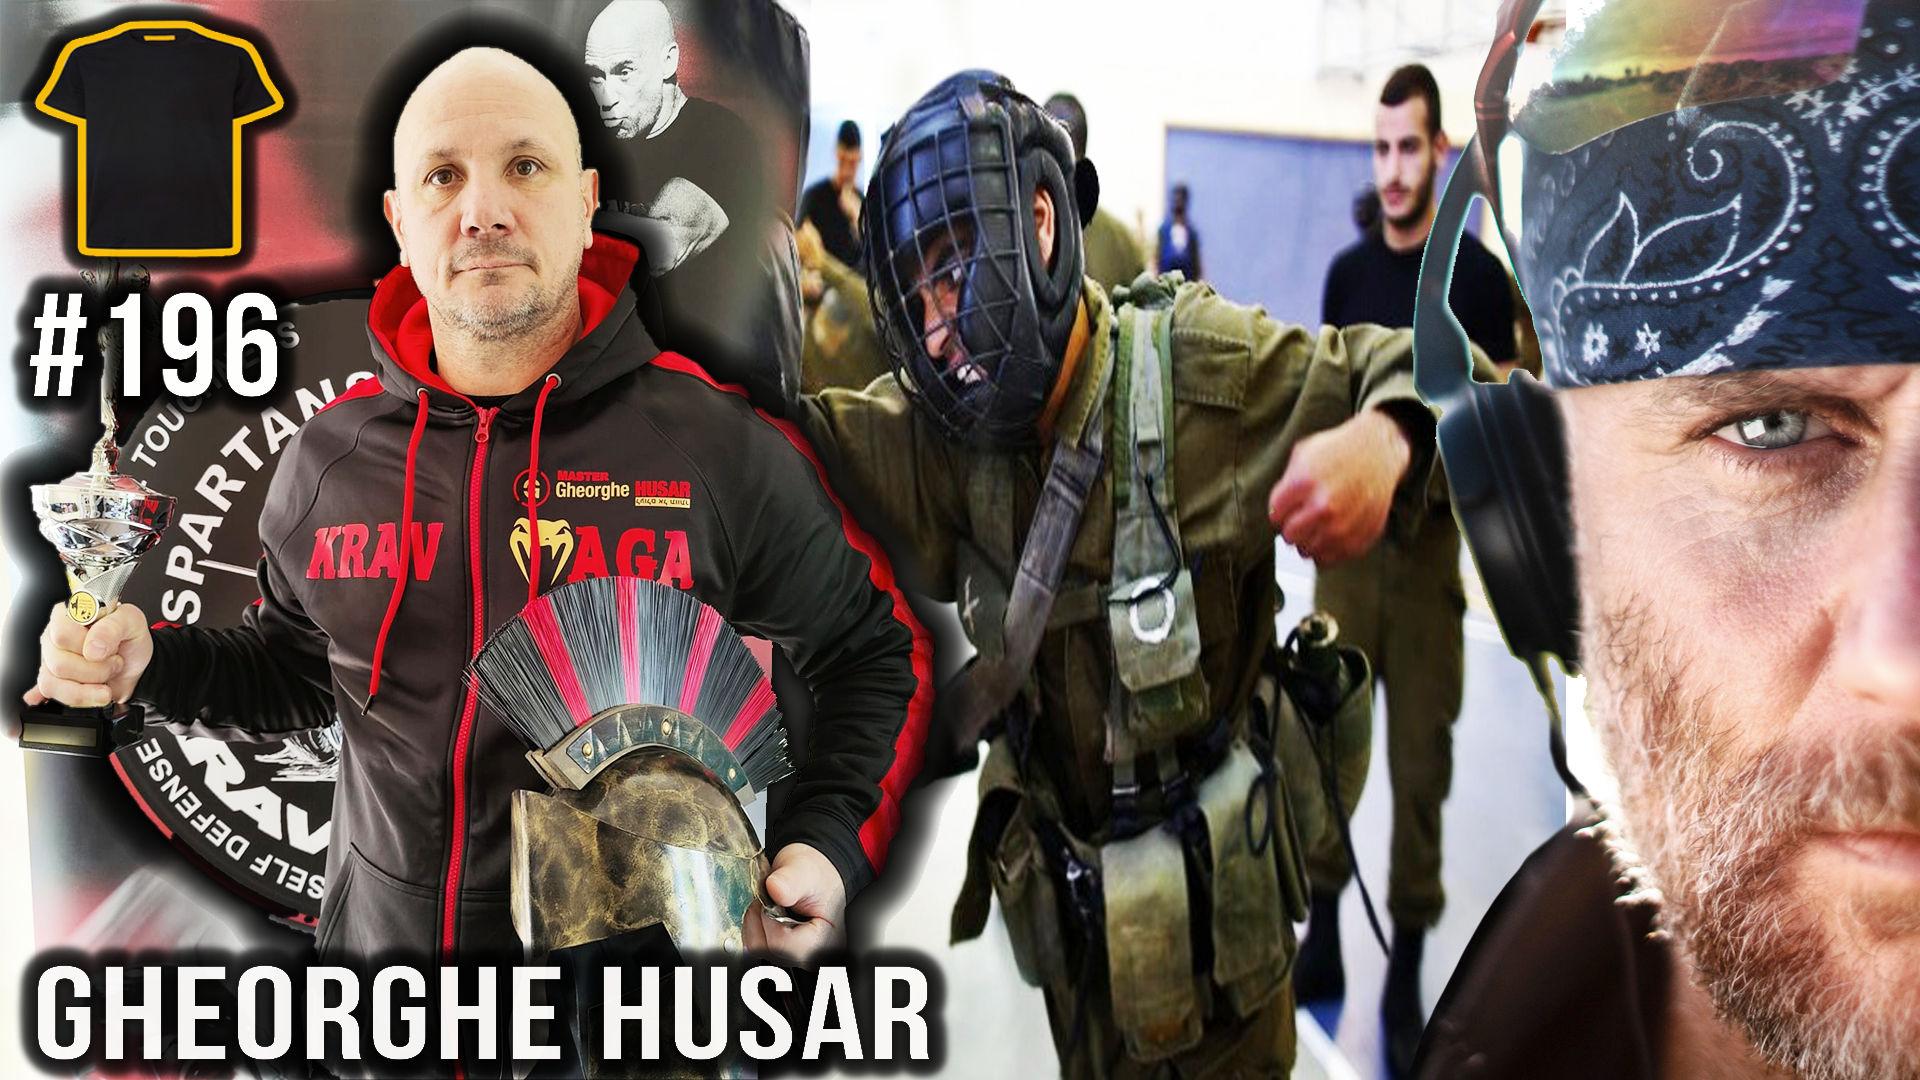 The President's Bodyguard | Krav Maga Master Gheorghe Husar | #196